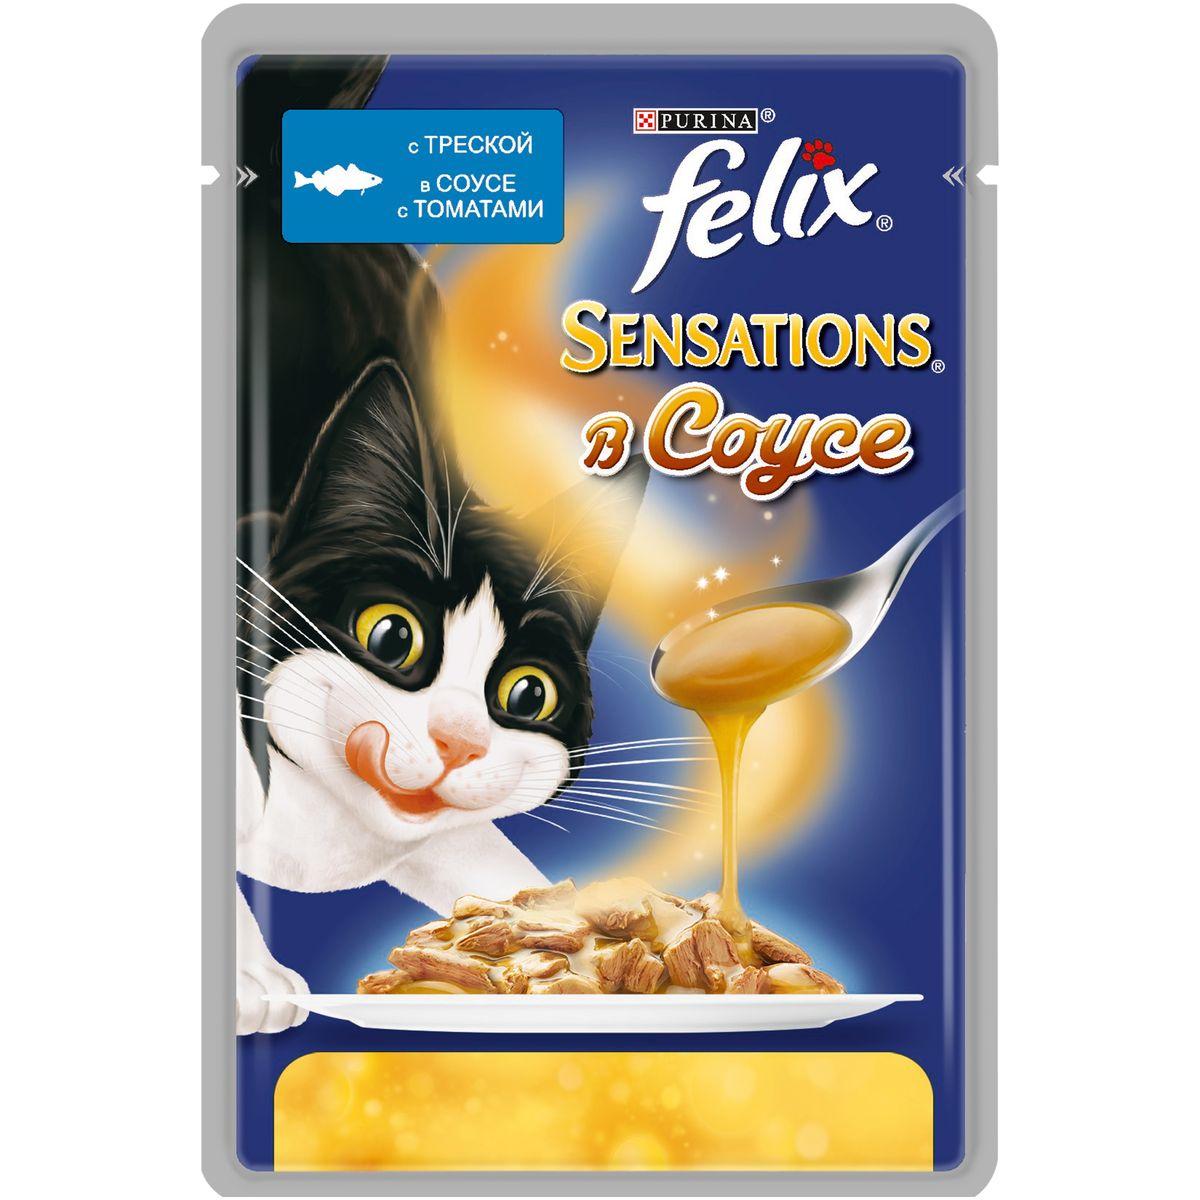 Консервы для кошек Felix Sensations, с треской в соусе с томатами, 85 г7613034957894Консервы для кошек Felix Sensations - консервированный полнорационный корм для взрослых кошек, с треской в соусе с томатами. Корм Felix Sensations - это необыкновенно вкусный корм для кошек с нежными мясными кусочками в соусах с разными вкусами для неожиданных вкусовых ощущений. Вам питомец не сможет устоять перед аппетитным внешним видом, ароматом и вкусом этого потрясающего корма. Корм содержит Омега-6 жирные кислоты, а также правильное сочетание белка и витаминов для полного удовлетворения ежедневных потребностей вашей кошки.Состав: мясо и продукты переработки мяса, экстракт растительного белка, рыба и продукты переработки рыбы (треска 4%), минеральные вещества, сахара, красители, витамины. Добавленные вещества (на 1 кг): витамин А 780 МЕ; витамин D3 120 МЕ; витамин Е 17 МЕ; железо 9 мг; йод 0,22 мг; медь 0,7 мг; марганец 1,7 мг; цинк 16 мг; таурин 490 мг; ароматизатор бекона 30 мг. Гарантируемые показатели: влажность 79%, белок 13,2%, жир 3,2%, сырая клетчатка 0,1%, сырая зола 2,3%, линолевая кислота (Омега-6 жирные кислоты) 0,4%.Энергетическая ценность (на 100 г): 81 ккал. Товар сертифицирован.